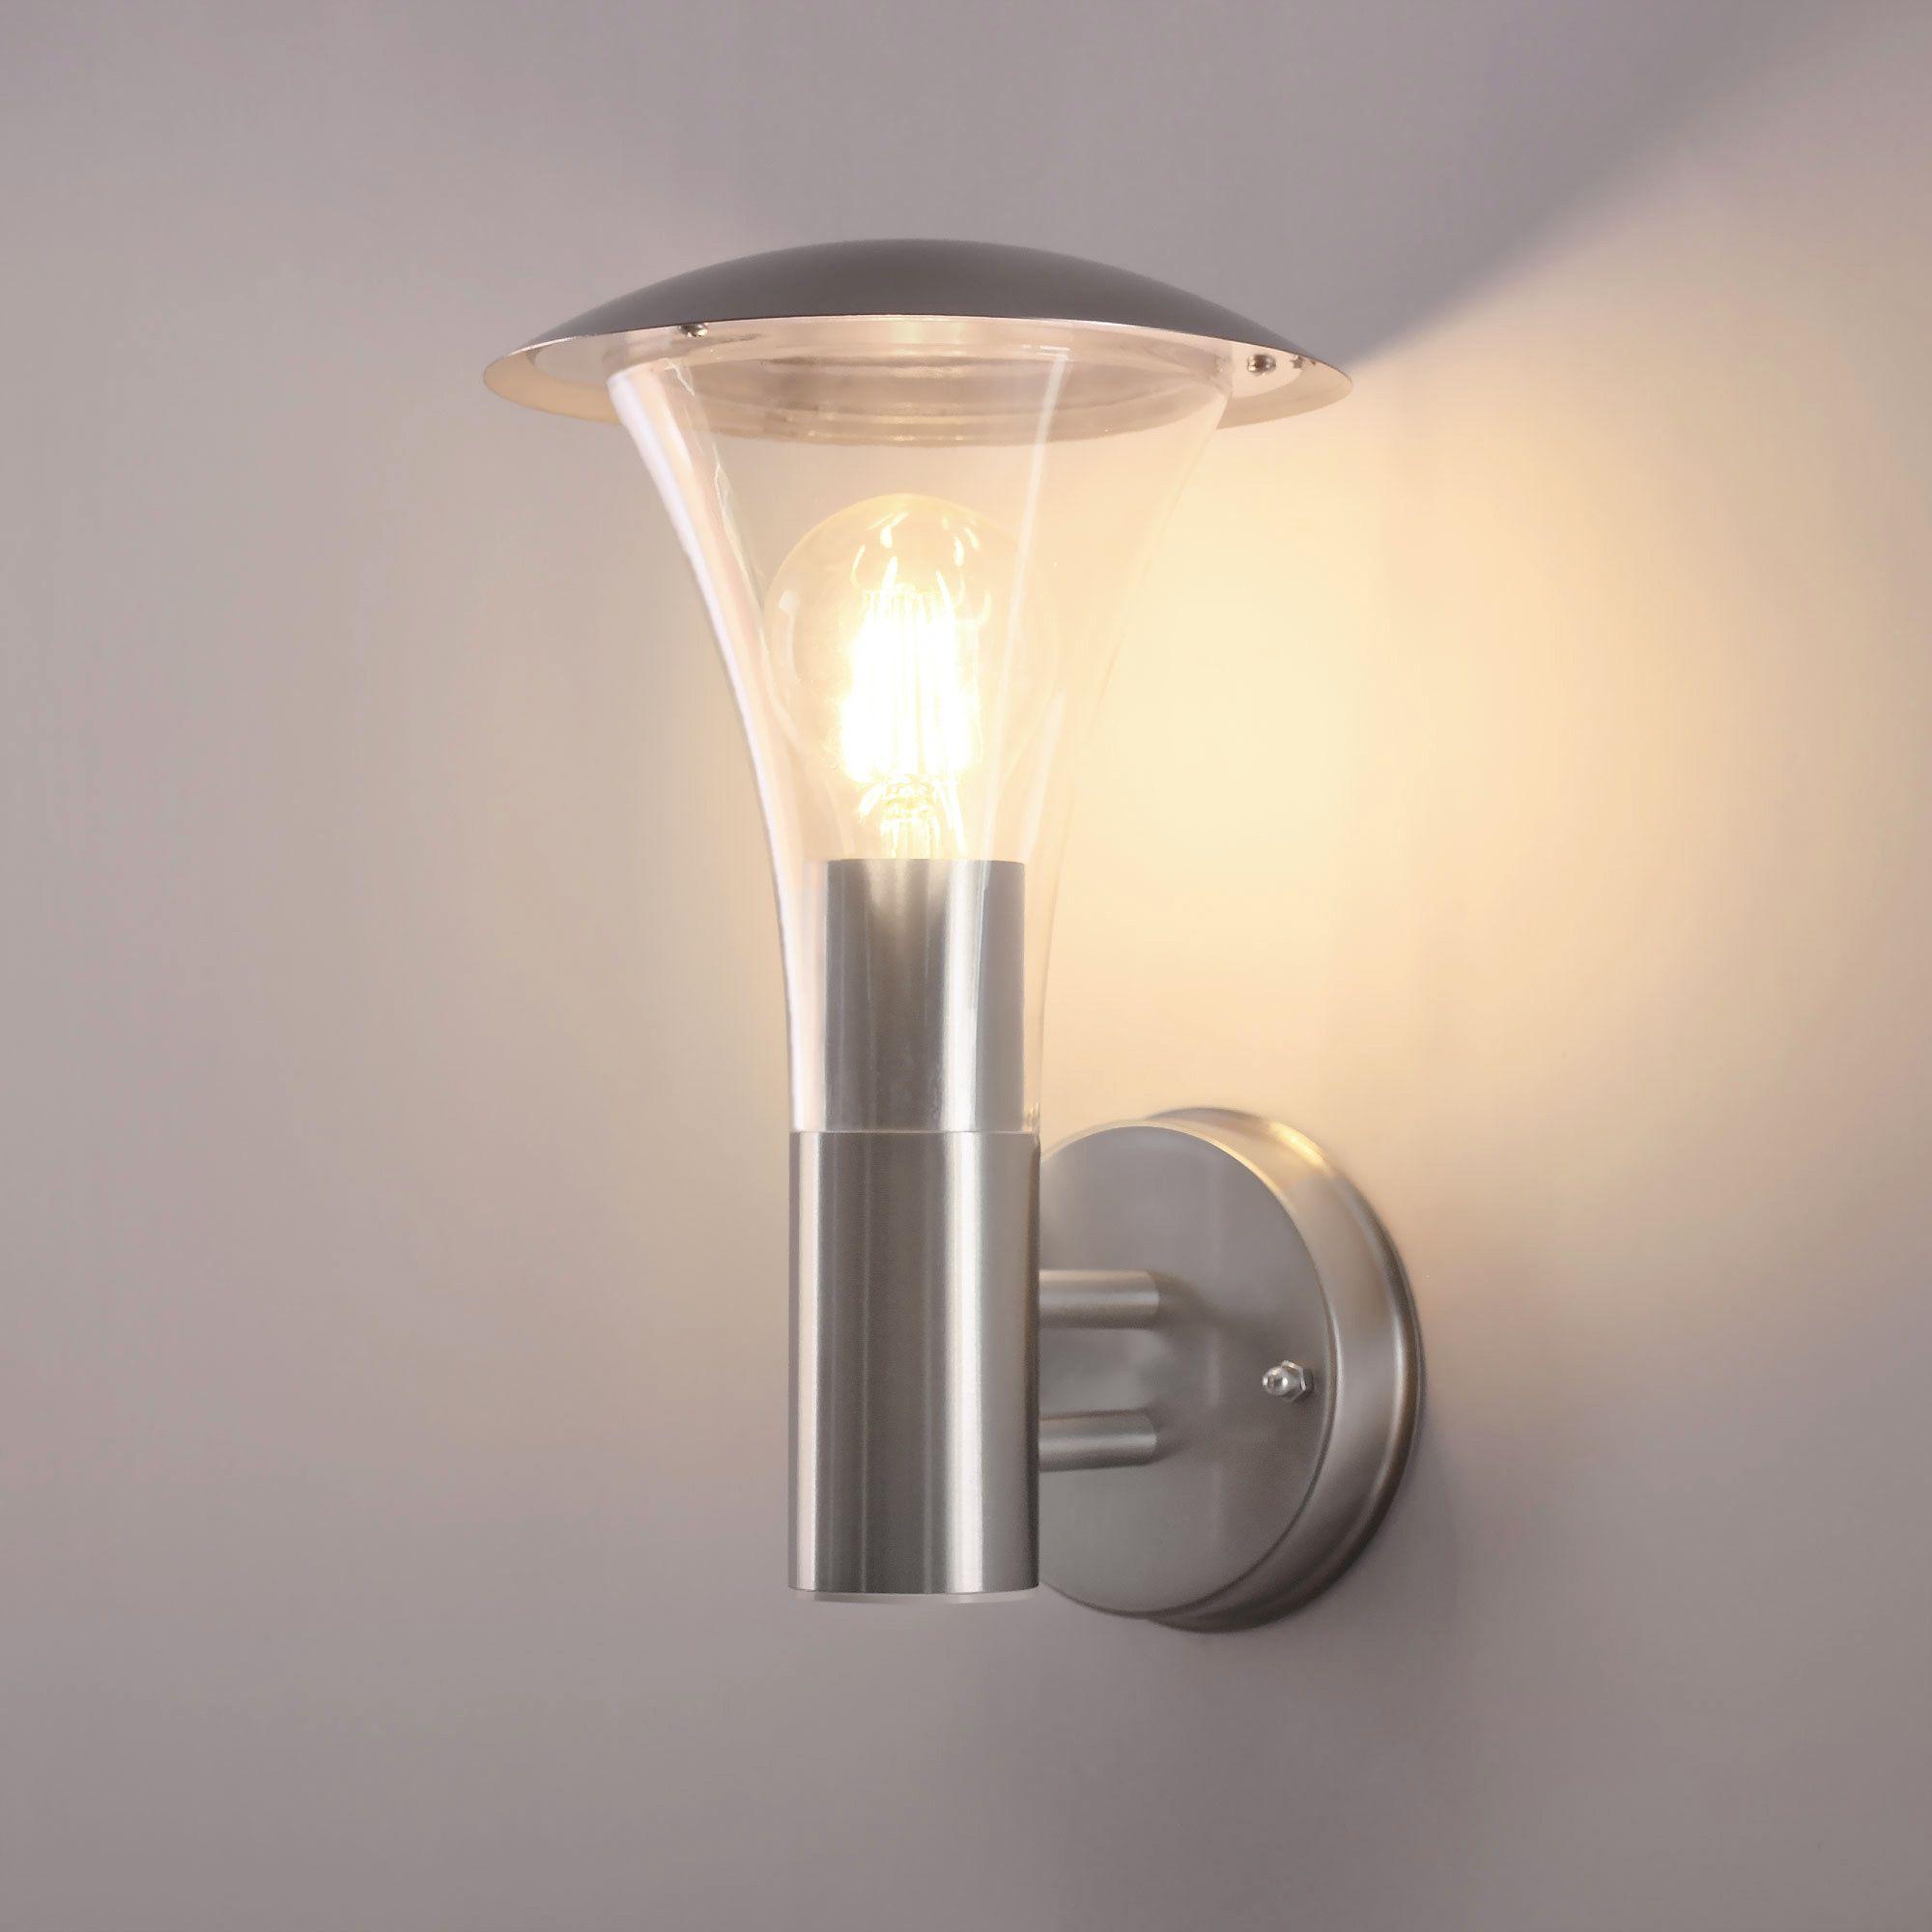 62c78a895c88a784b07fad18ed082b6f Wunderbar Lampe Mit E27 Fassung Dekorationen